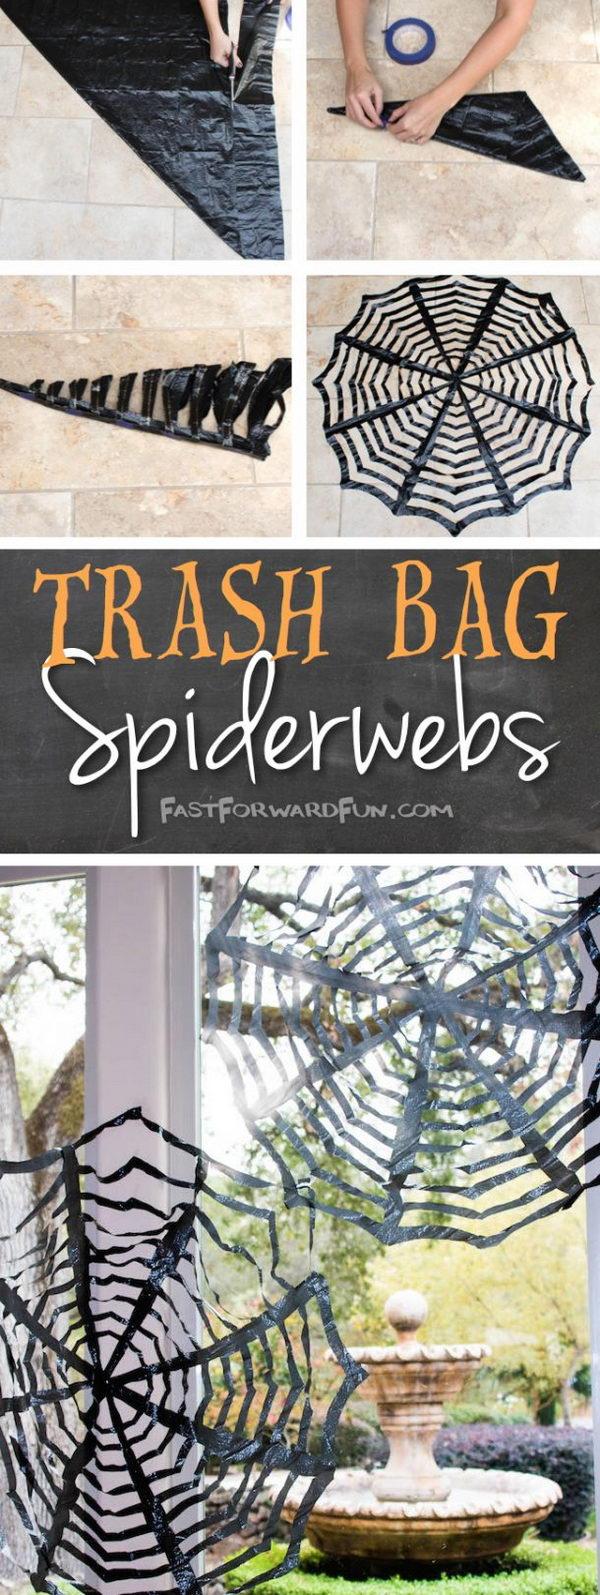 DIY Trash Bags Spiderwebs.